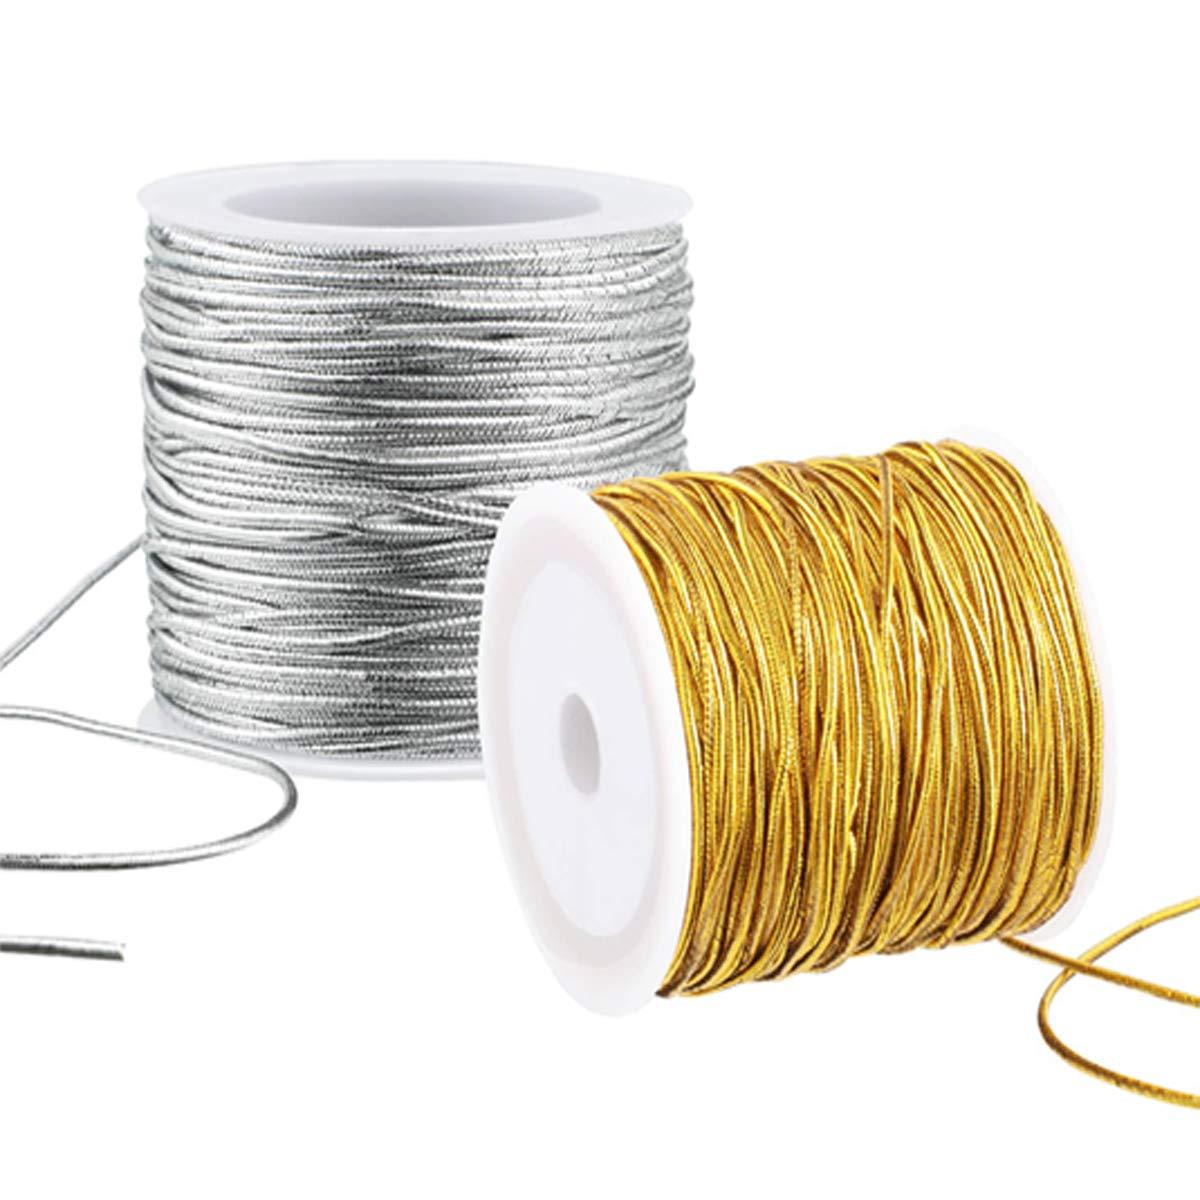 Mengger 6 Pcs Bobina de cordel dorado met/álico Cuerda met/álica Hilo de costura para joyer/ía y manualidades envoltorio de regalo Cuerdas cordeles